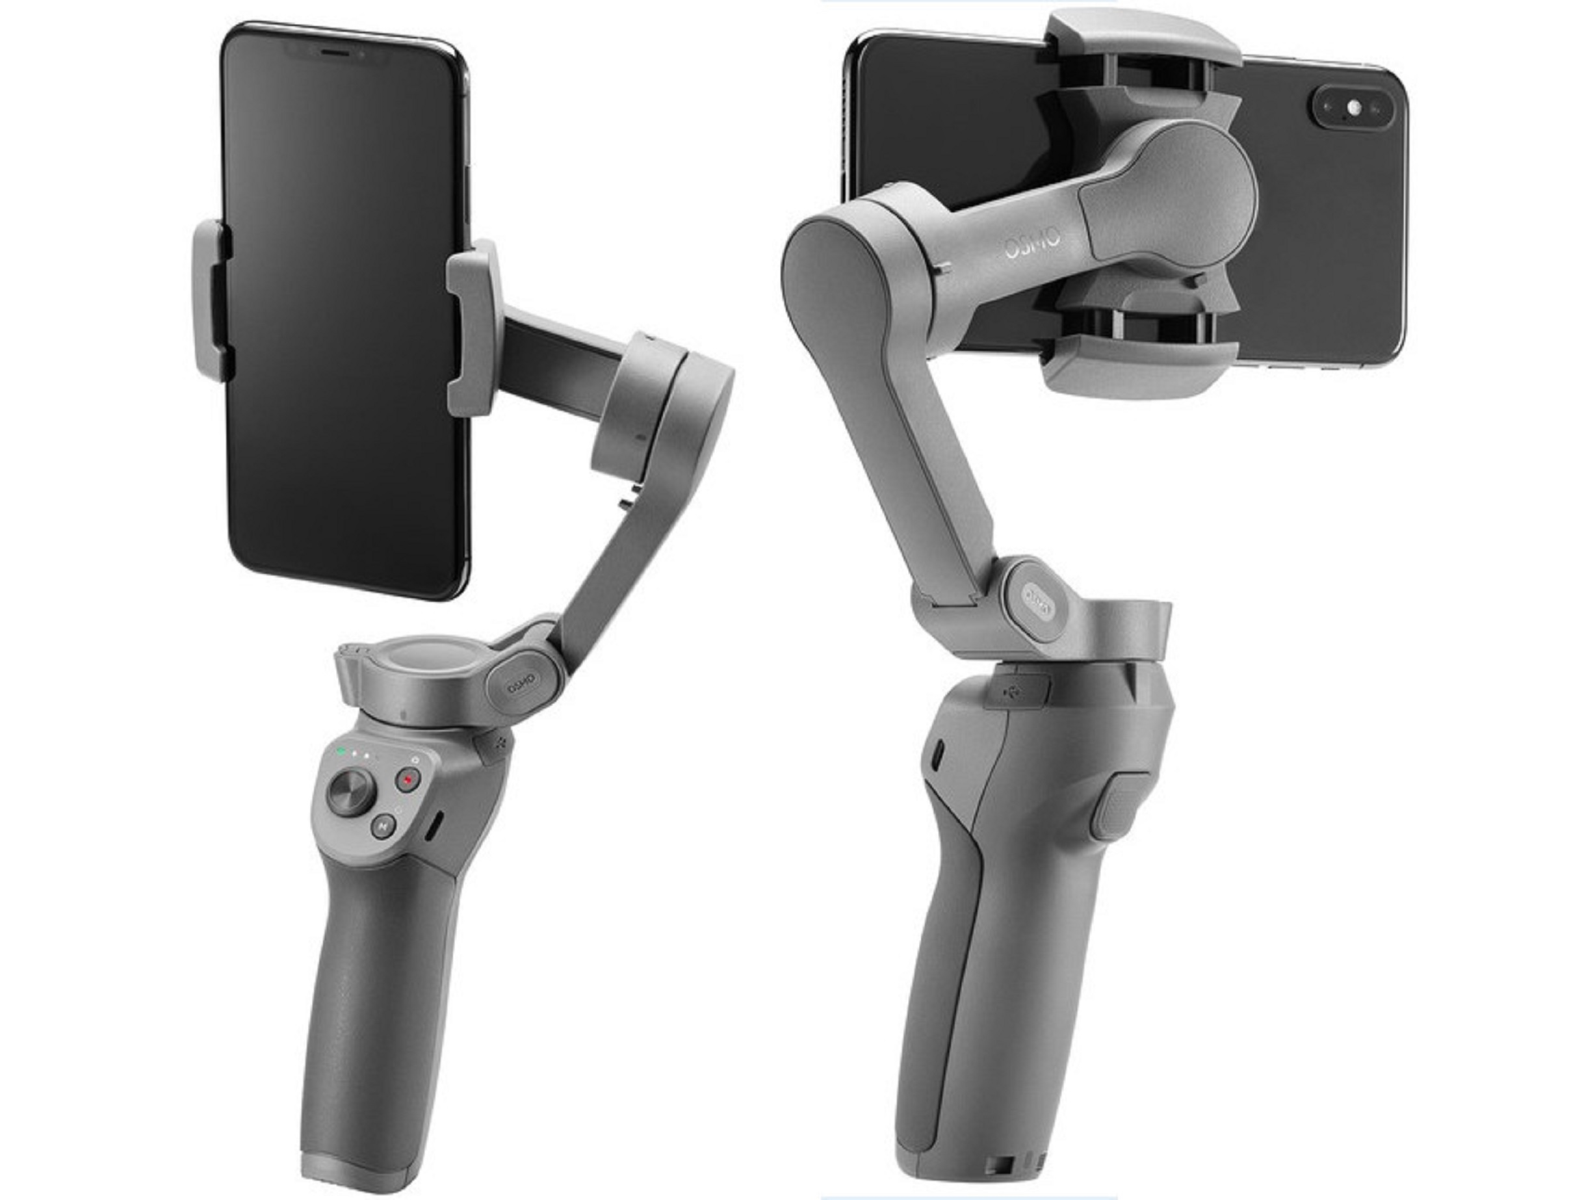 DJI ra mắt Osmo Mobile 3: Gimbal cho điện thoại di động có thể gập lại,giá chỉ119 USD